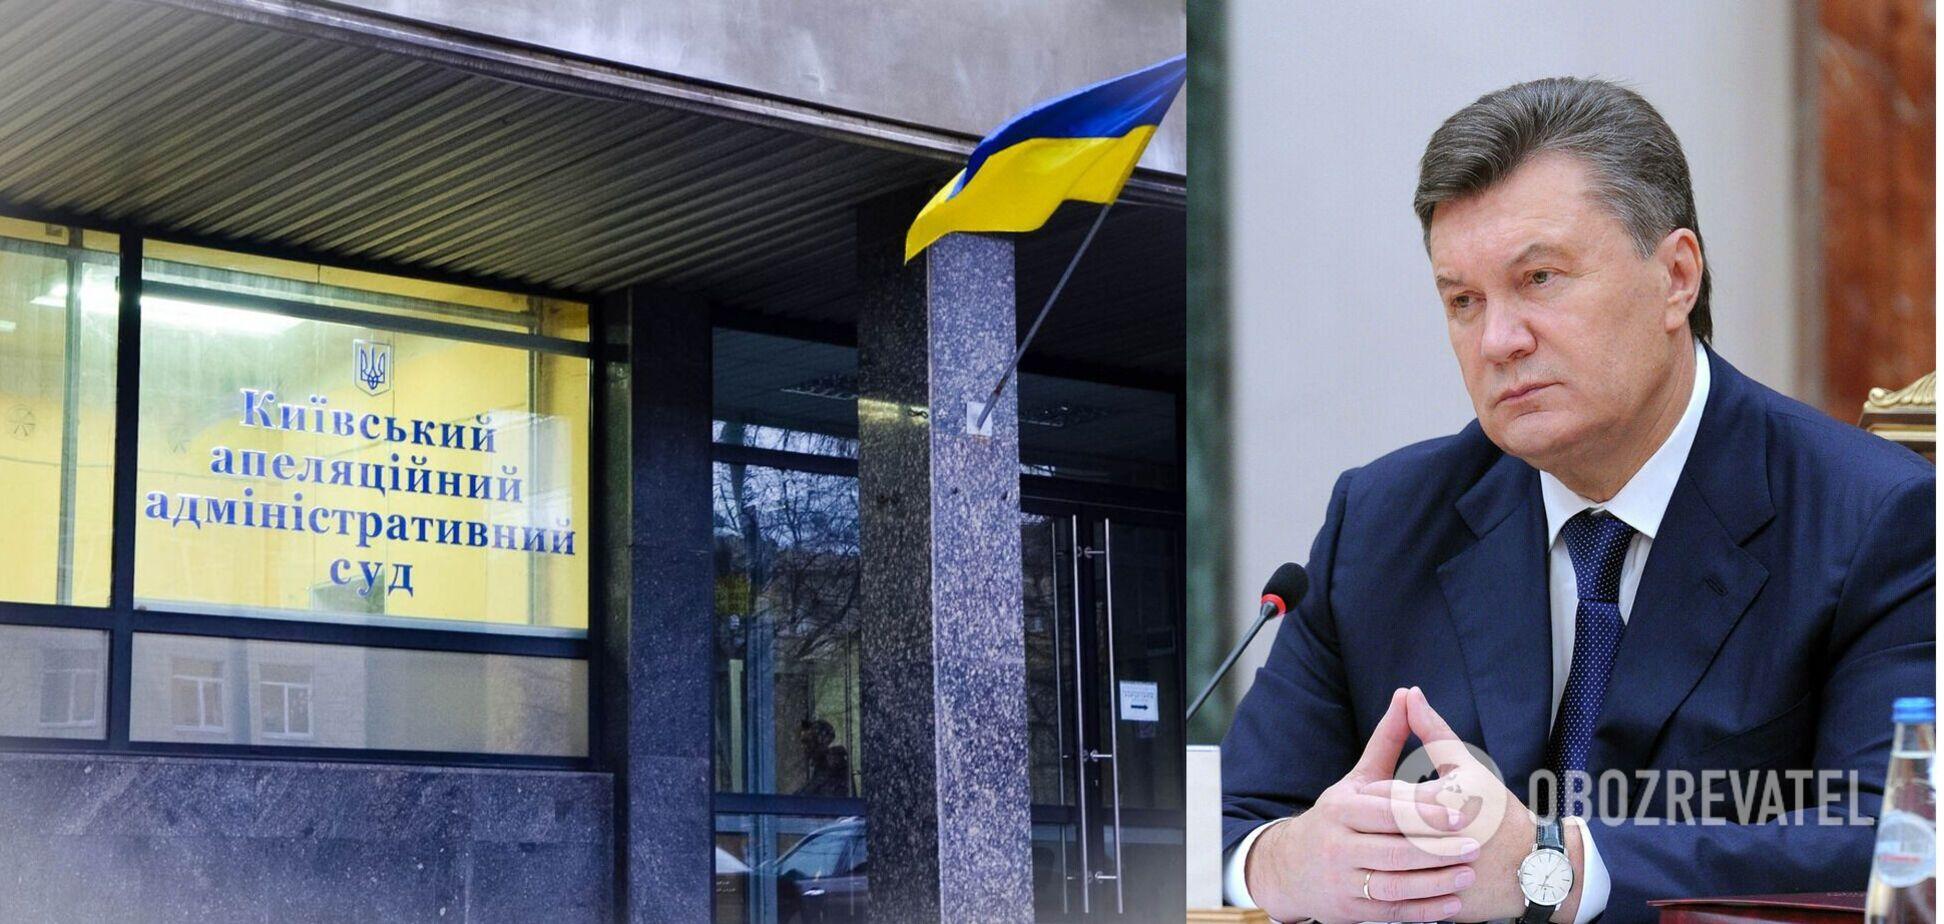 Апеляція залишила чинним рішення про заочний арешт Януковича: можлива екстрадиція